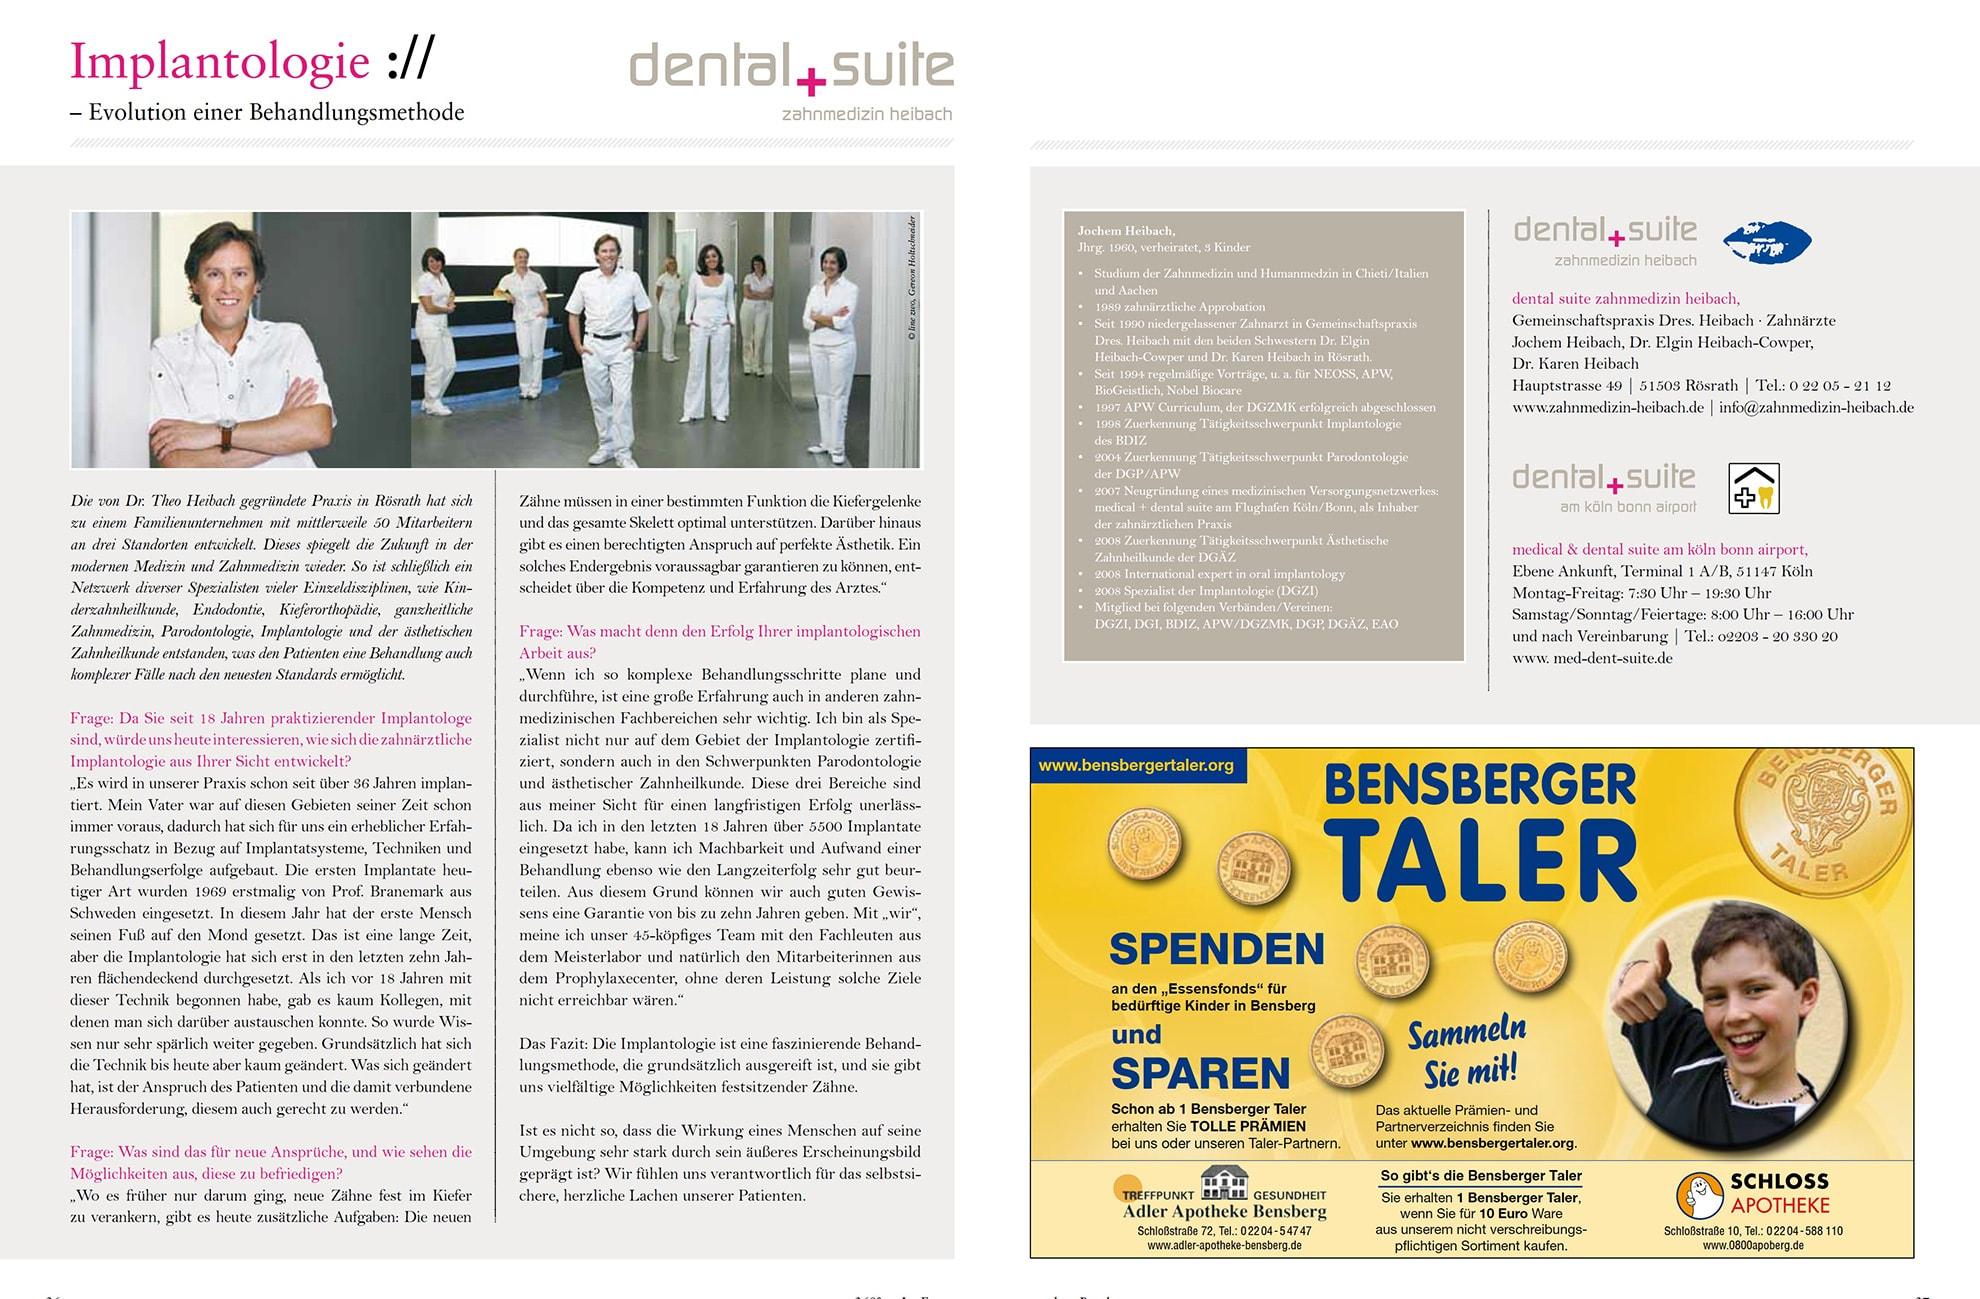 Z-MVZ dental suite - Pressemitteilung: Implantologie als Evolution